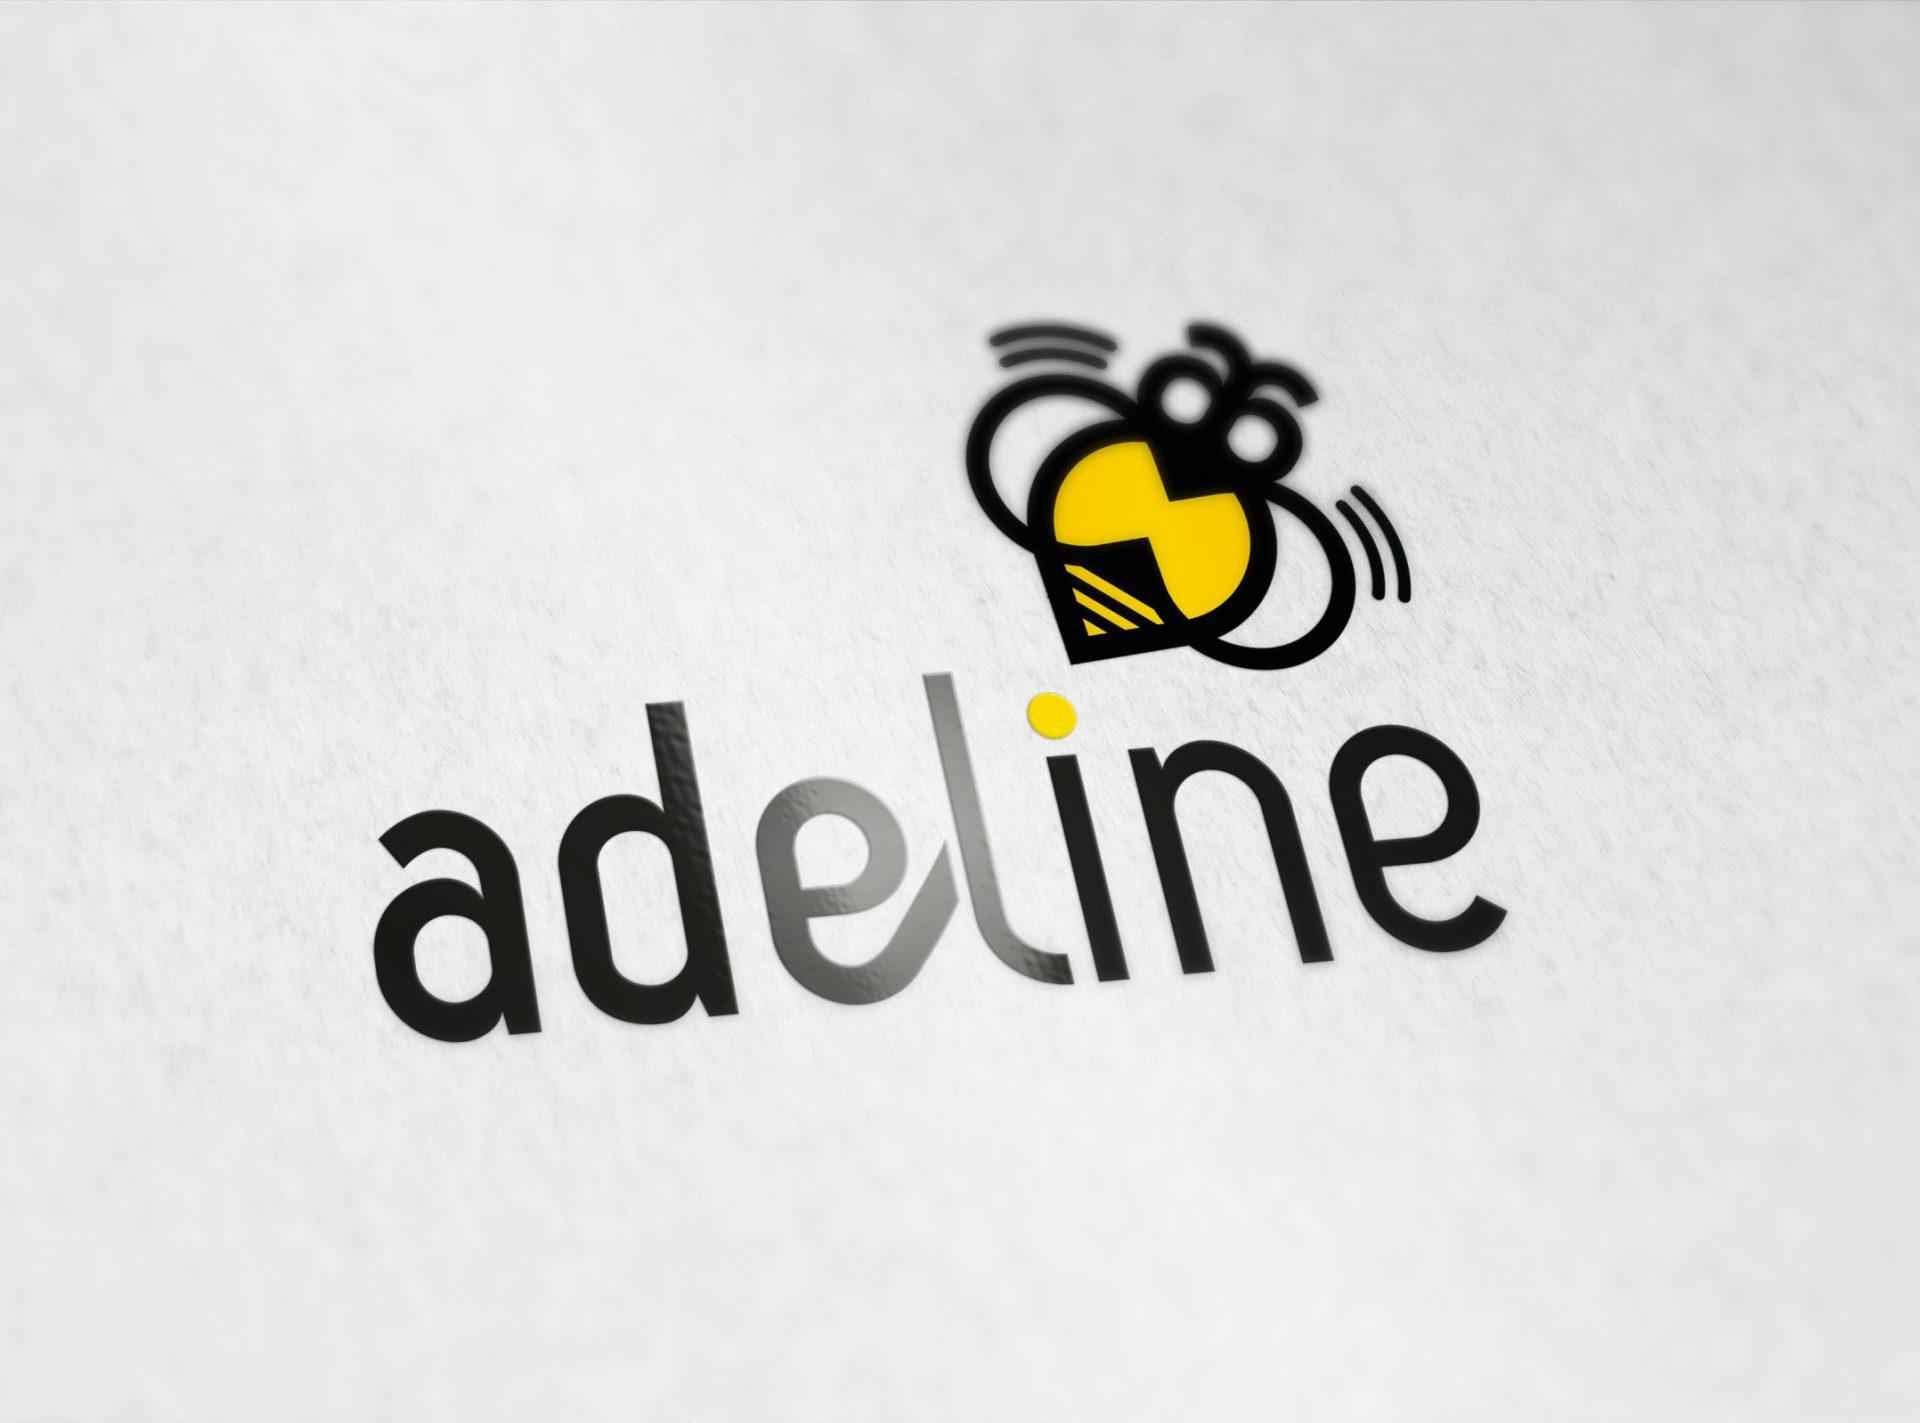 Logo Adeline